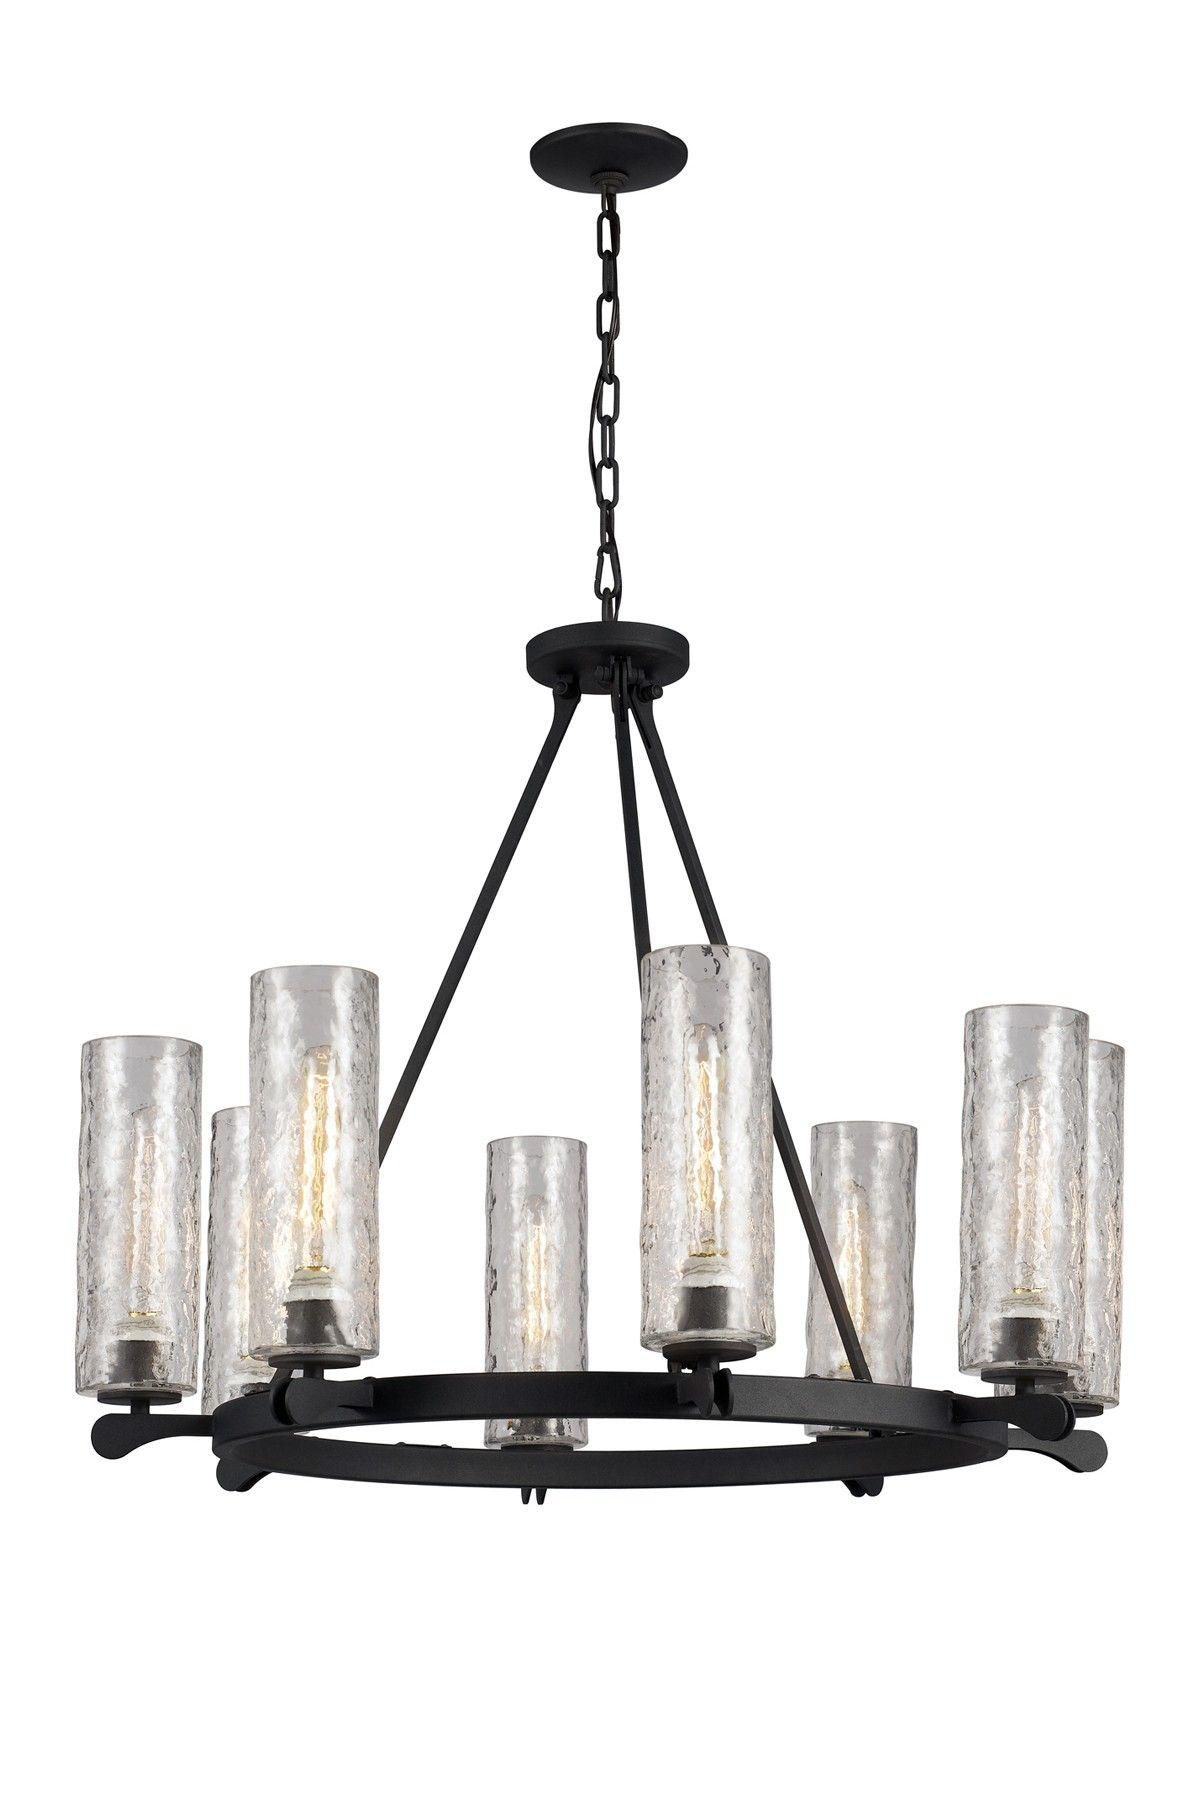 Hammered glass 8 light chandelier wheel lighting pinterest trans globe lighting black handmade eight light wheel chandelier arubaitofo Image collections